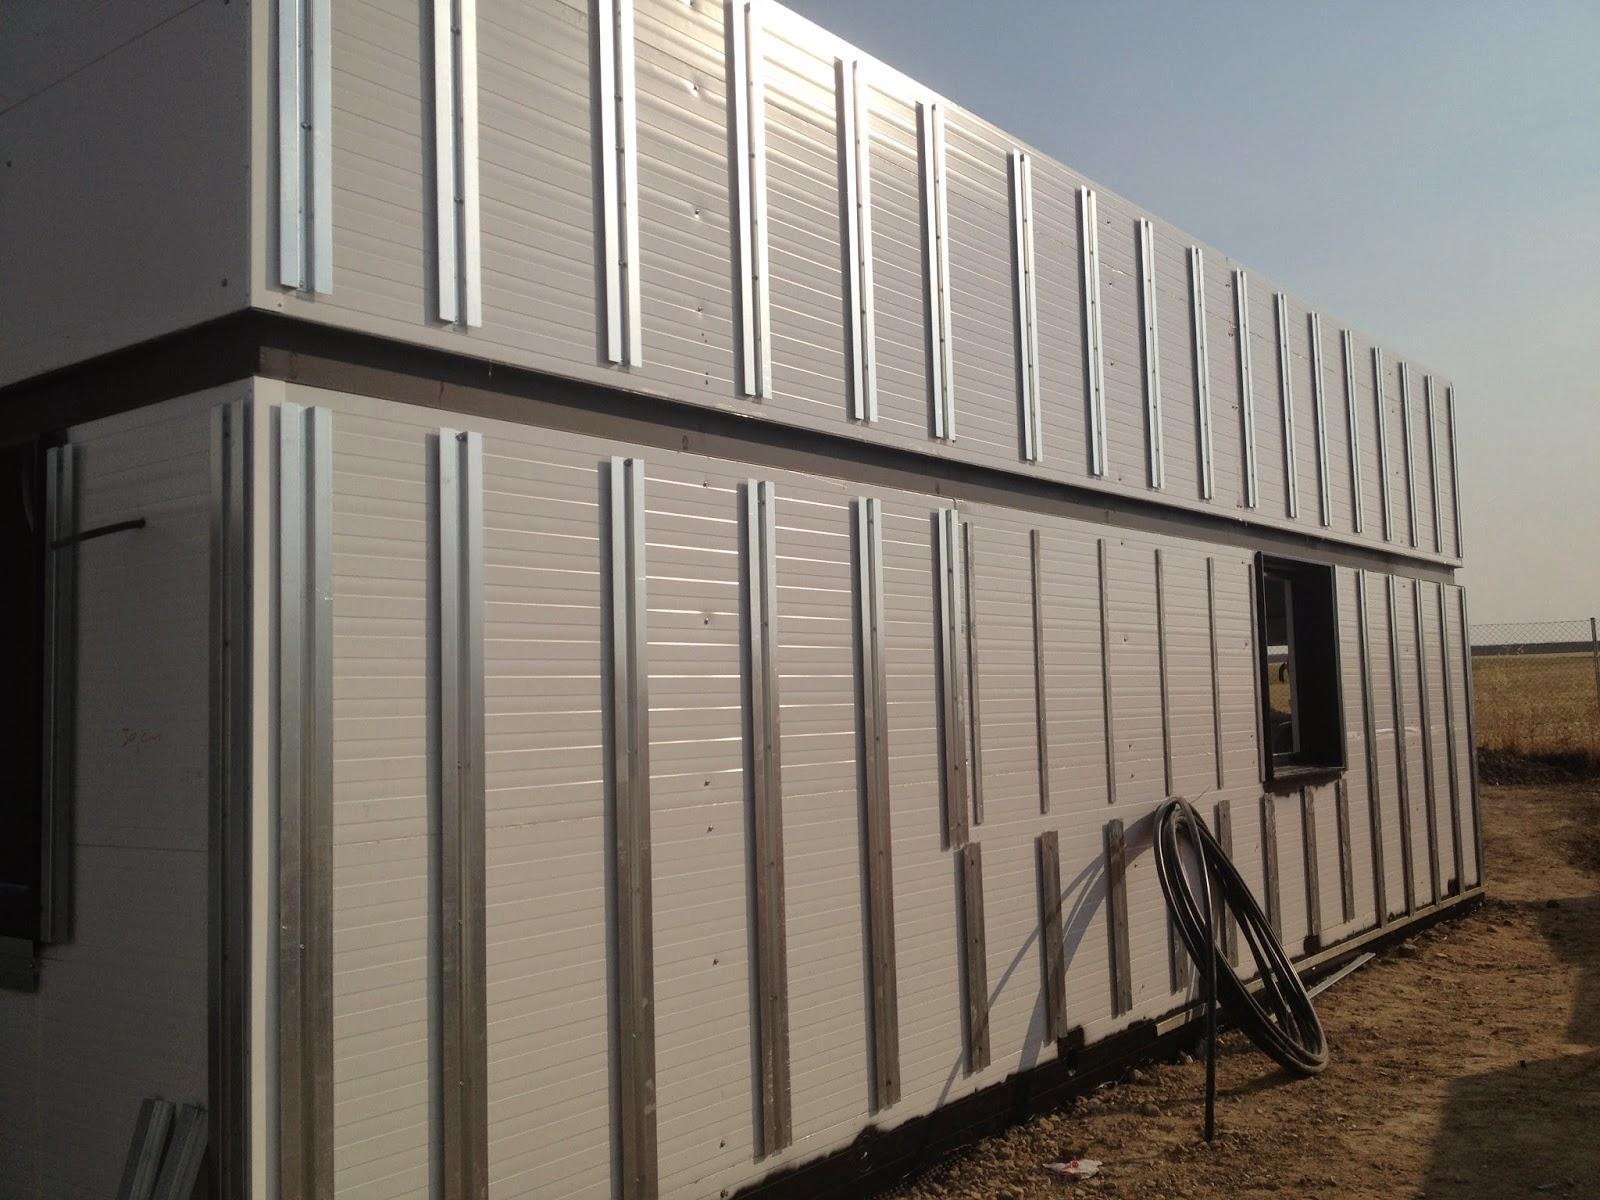 Subestructura fachada ventilada vivienda Resan Modular